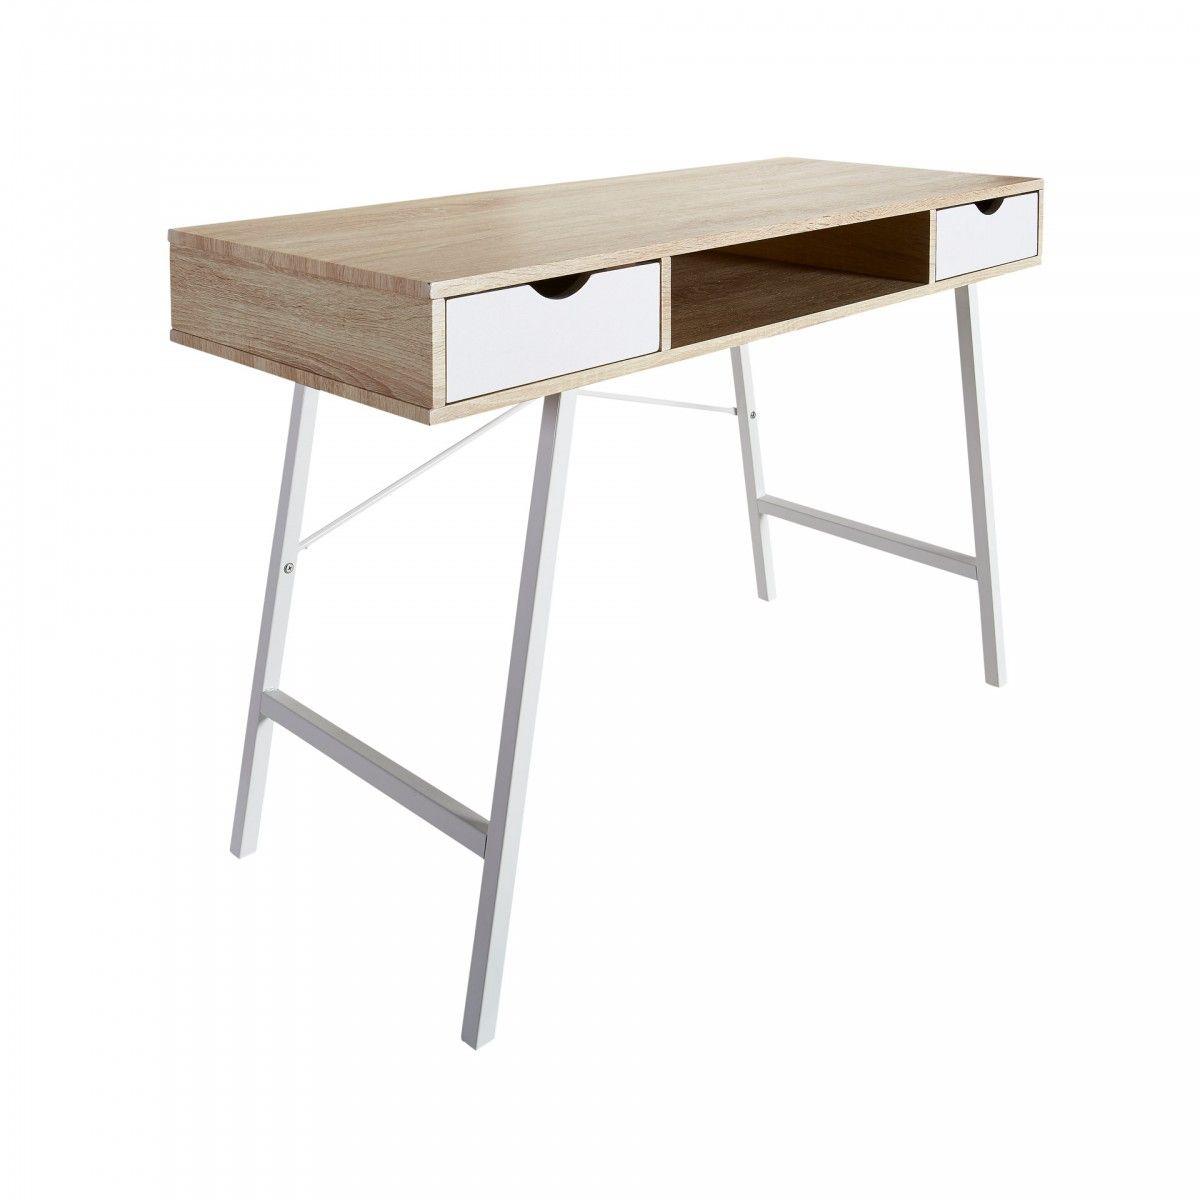 Schön Schreibtisch Schmal Dekoration Von Unser Bryrup Ist Mit Seinem Schlichten Design